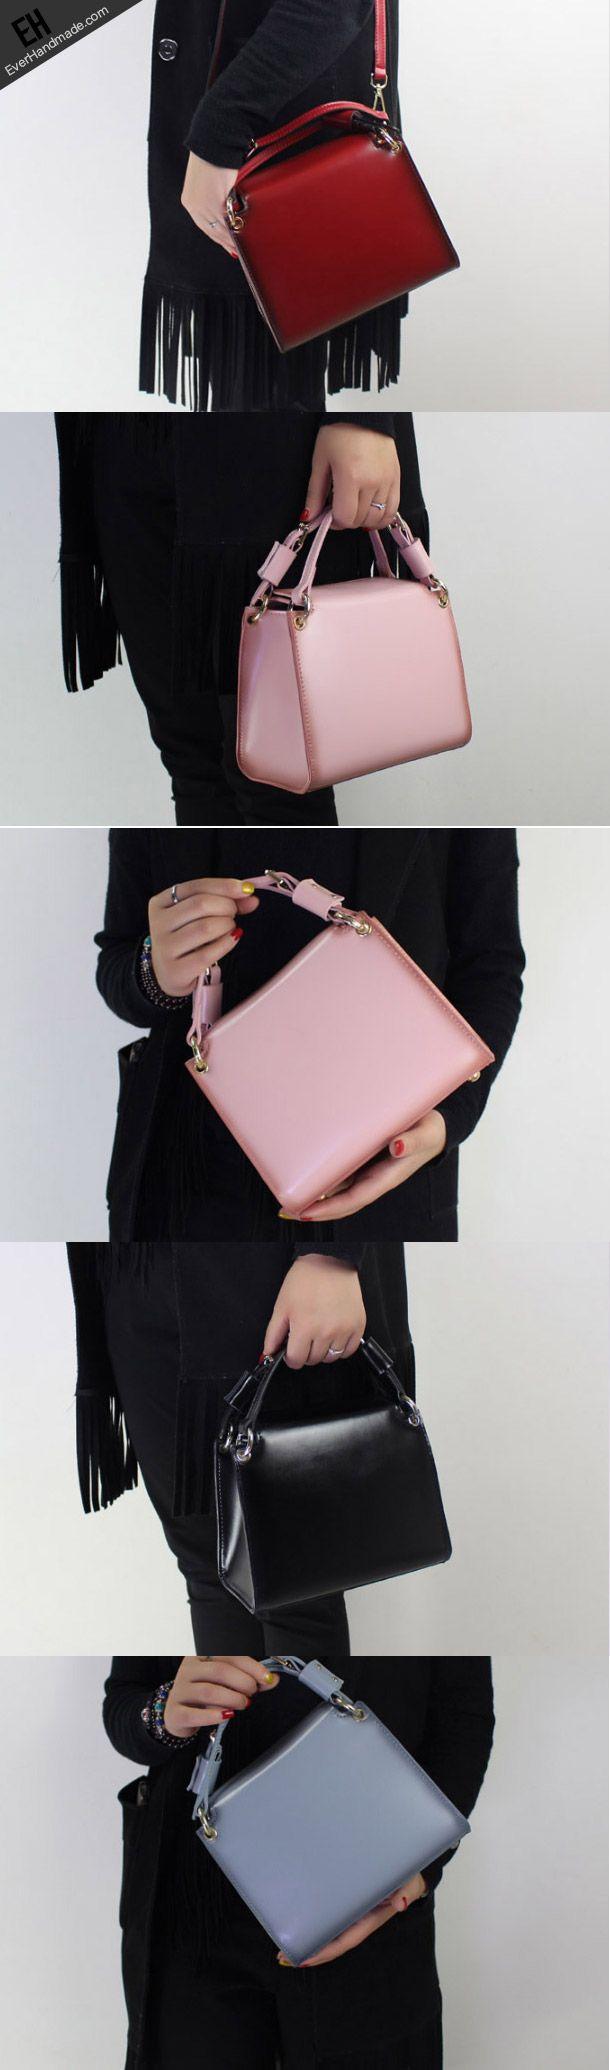 Genuine Leather Cube bag shoulder bag black for women leather